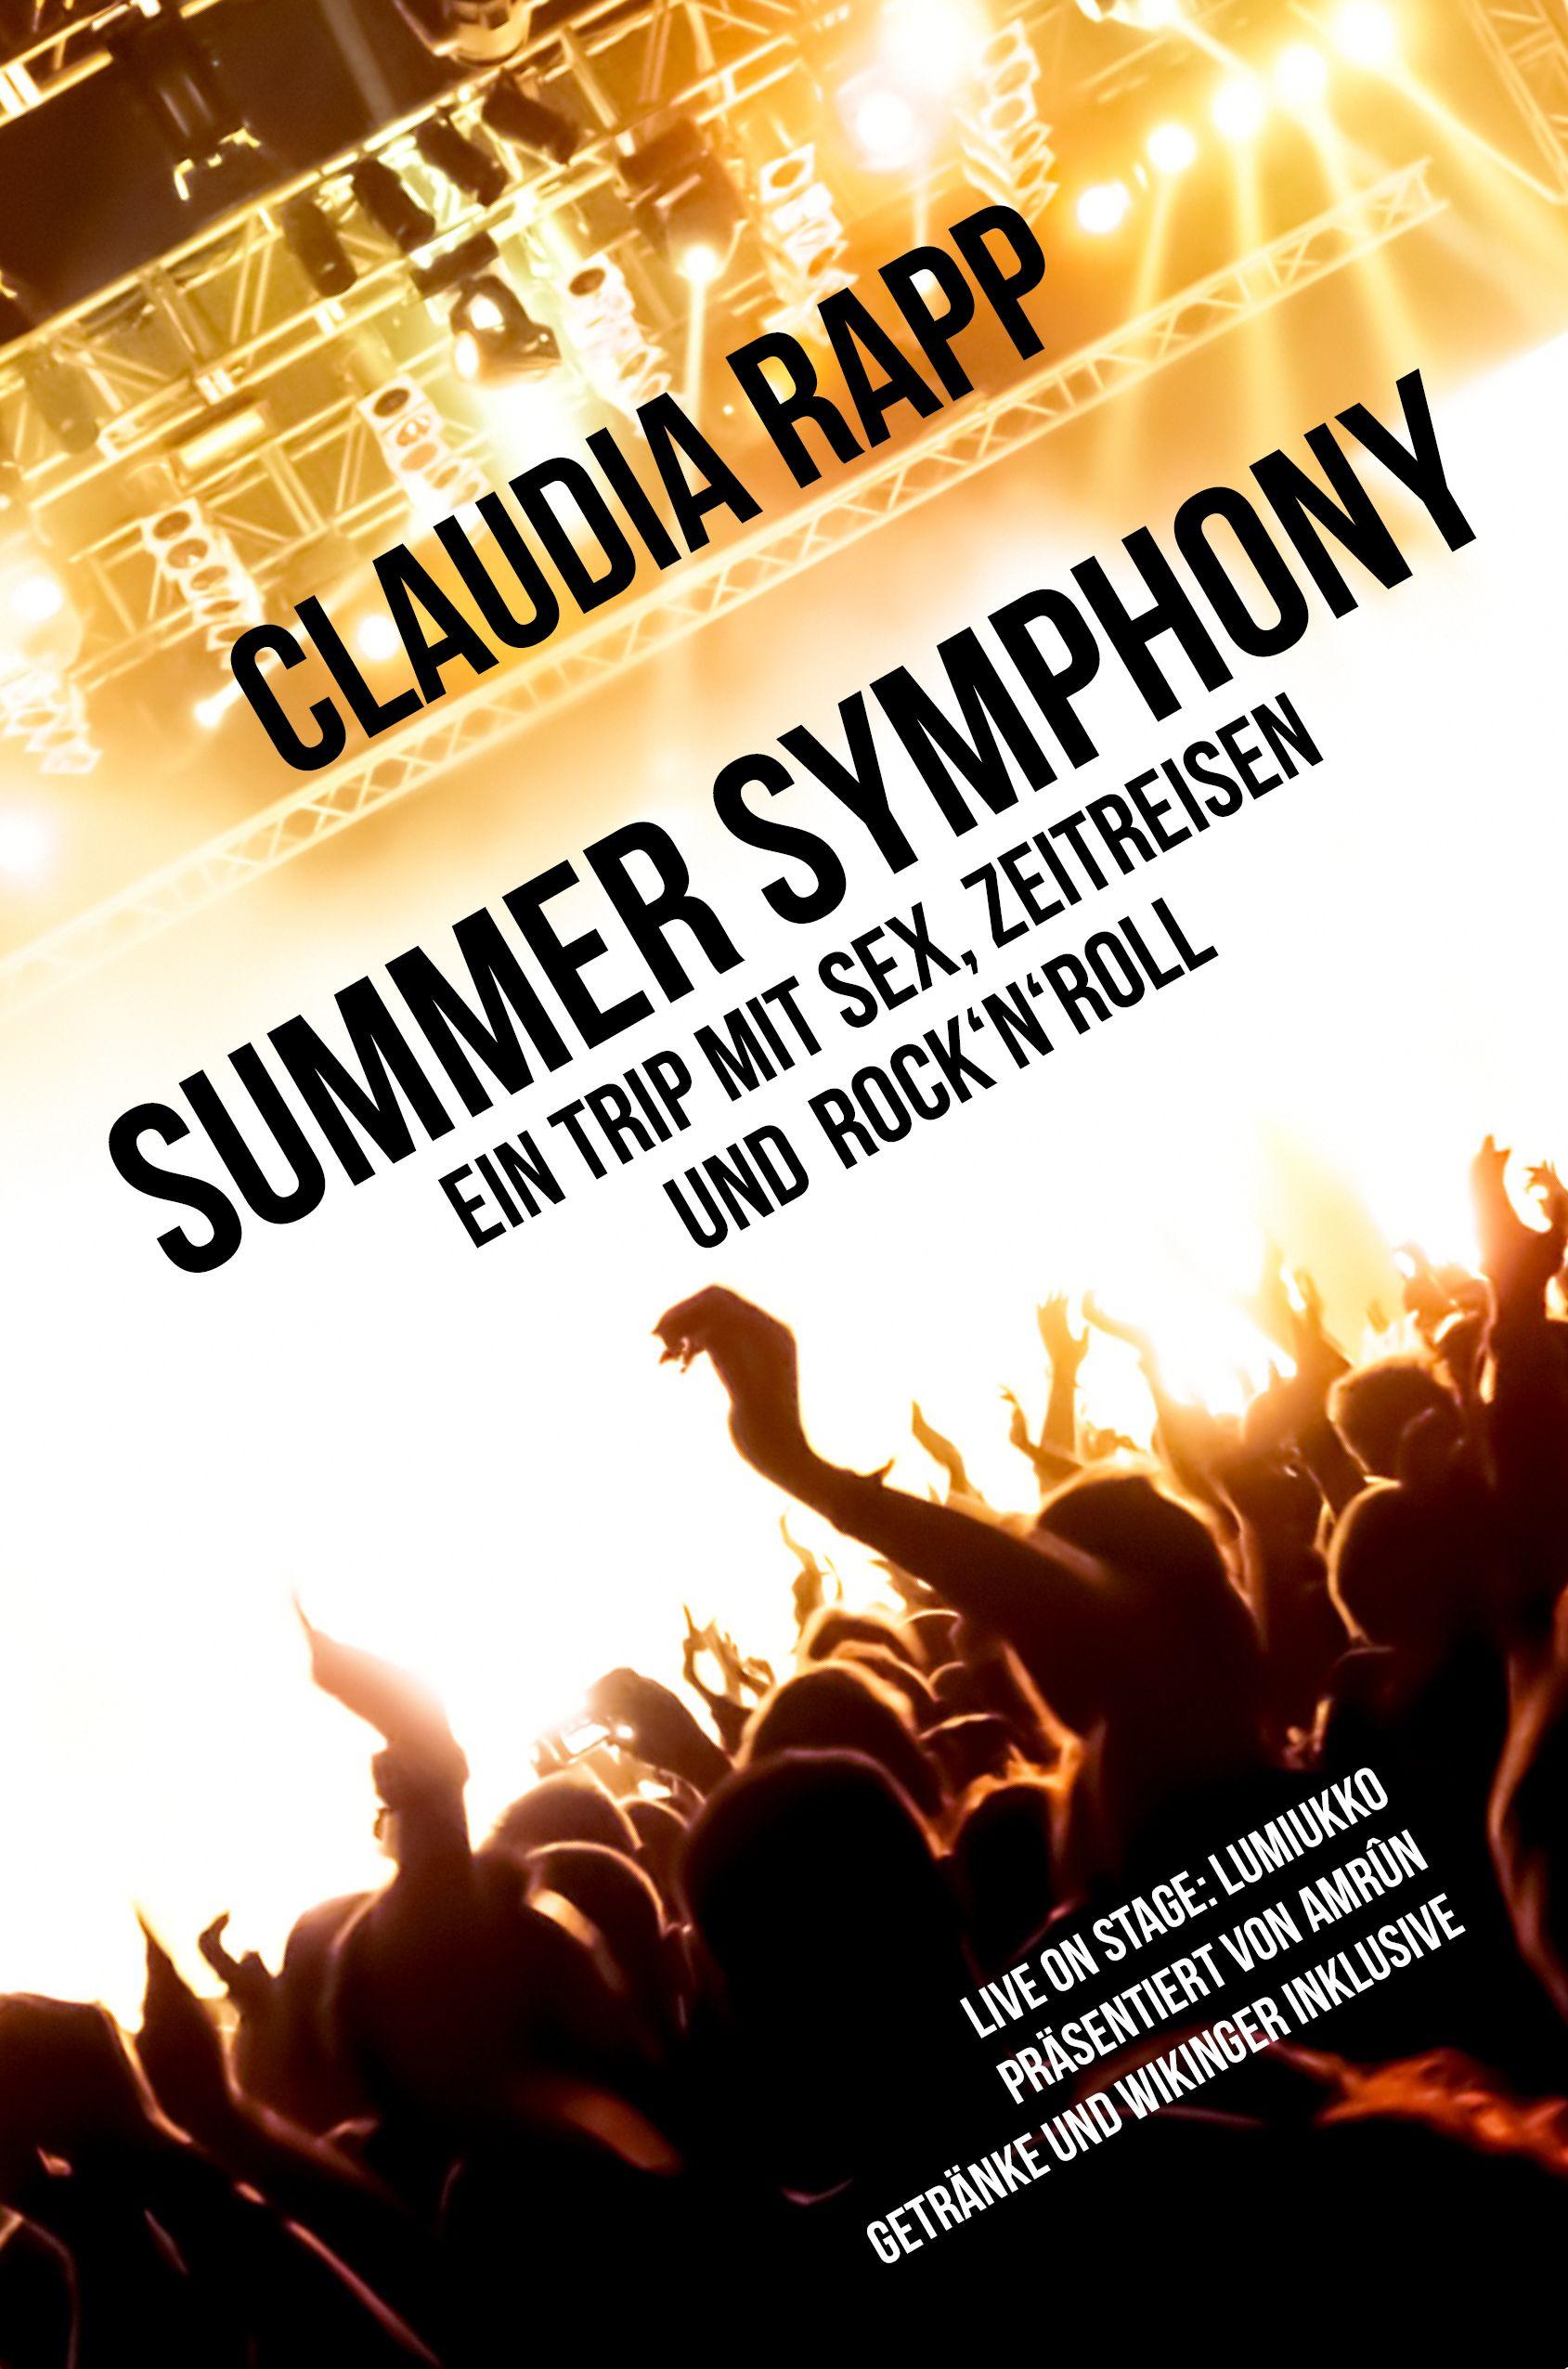 Summer Symphony von Rapp, Claudia S.: Ein Trip mit Sex, Zeitreisen und